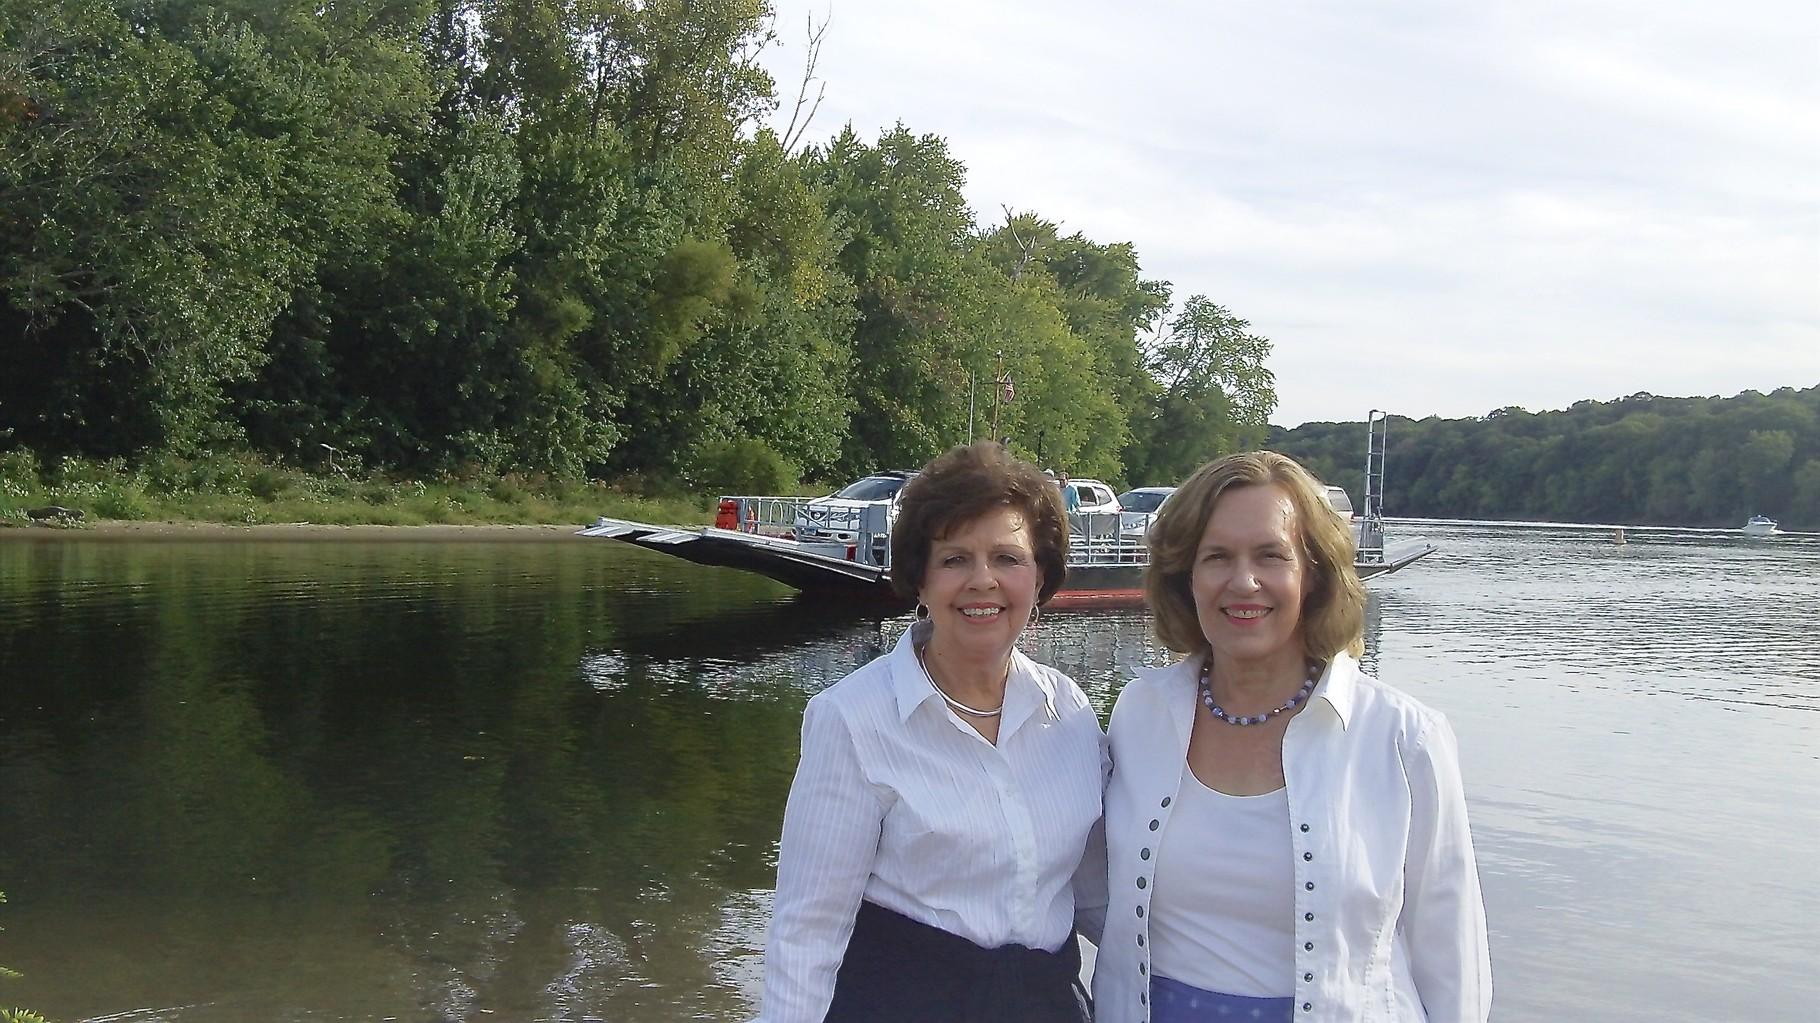 Cousin Kathy & Lorraine, September, 2015 Connecticut River